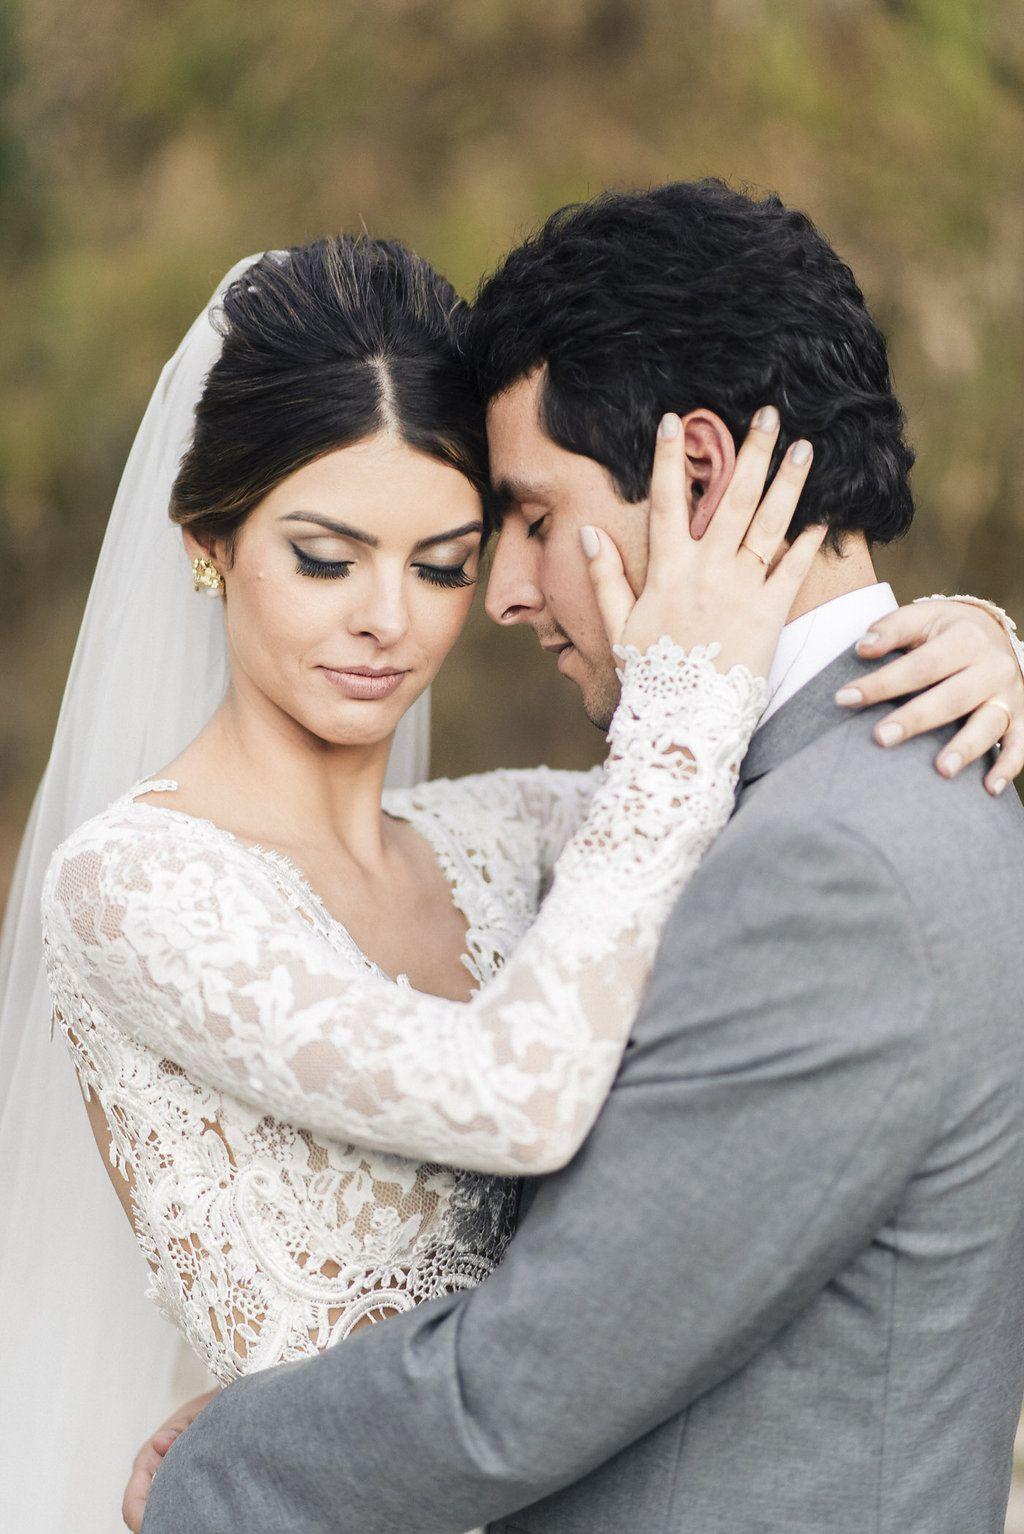 Casamento Rústico Chic com cerimônia ao ar livre – Mari e Rafa http://lapisdenoiva.com/casamento-rustico-chic-mari-e-rafa/ Foto: Juliana Kneipp